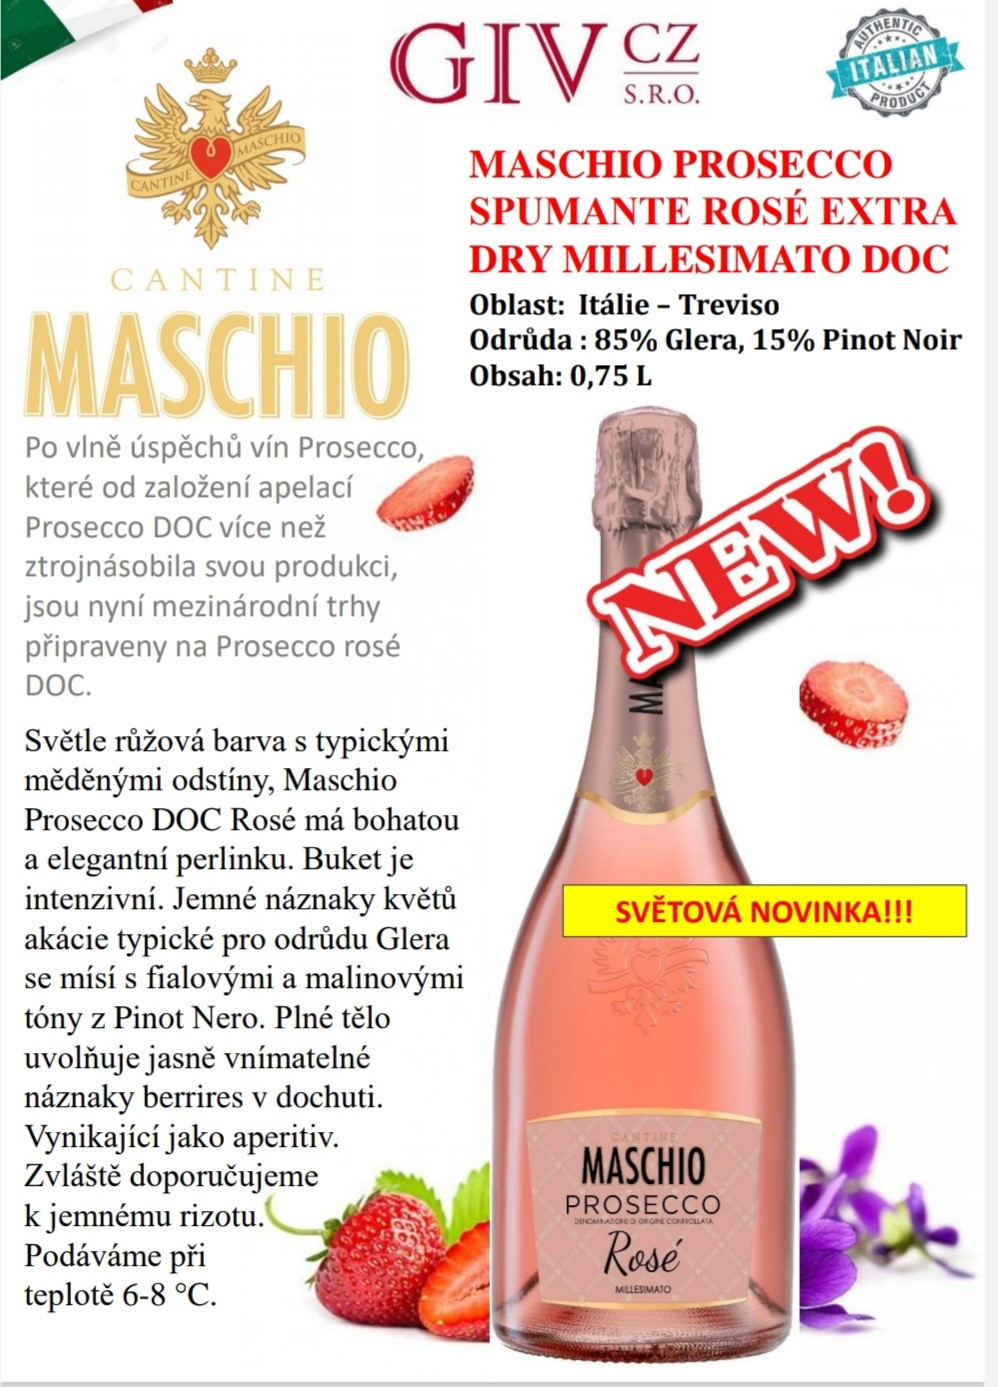 Maschio Prosecco Rosé novinka